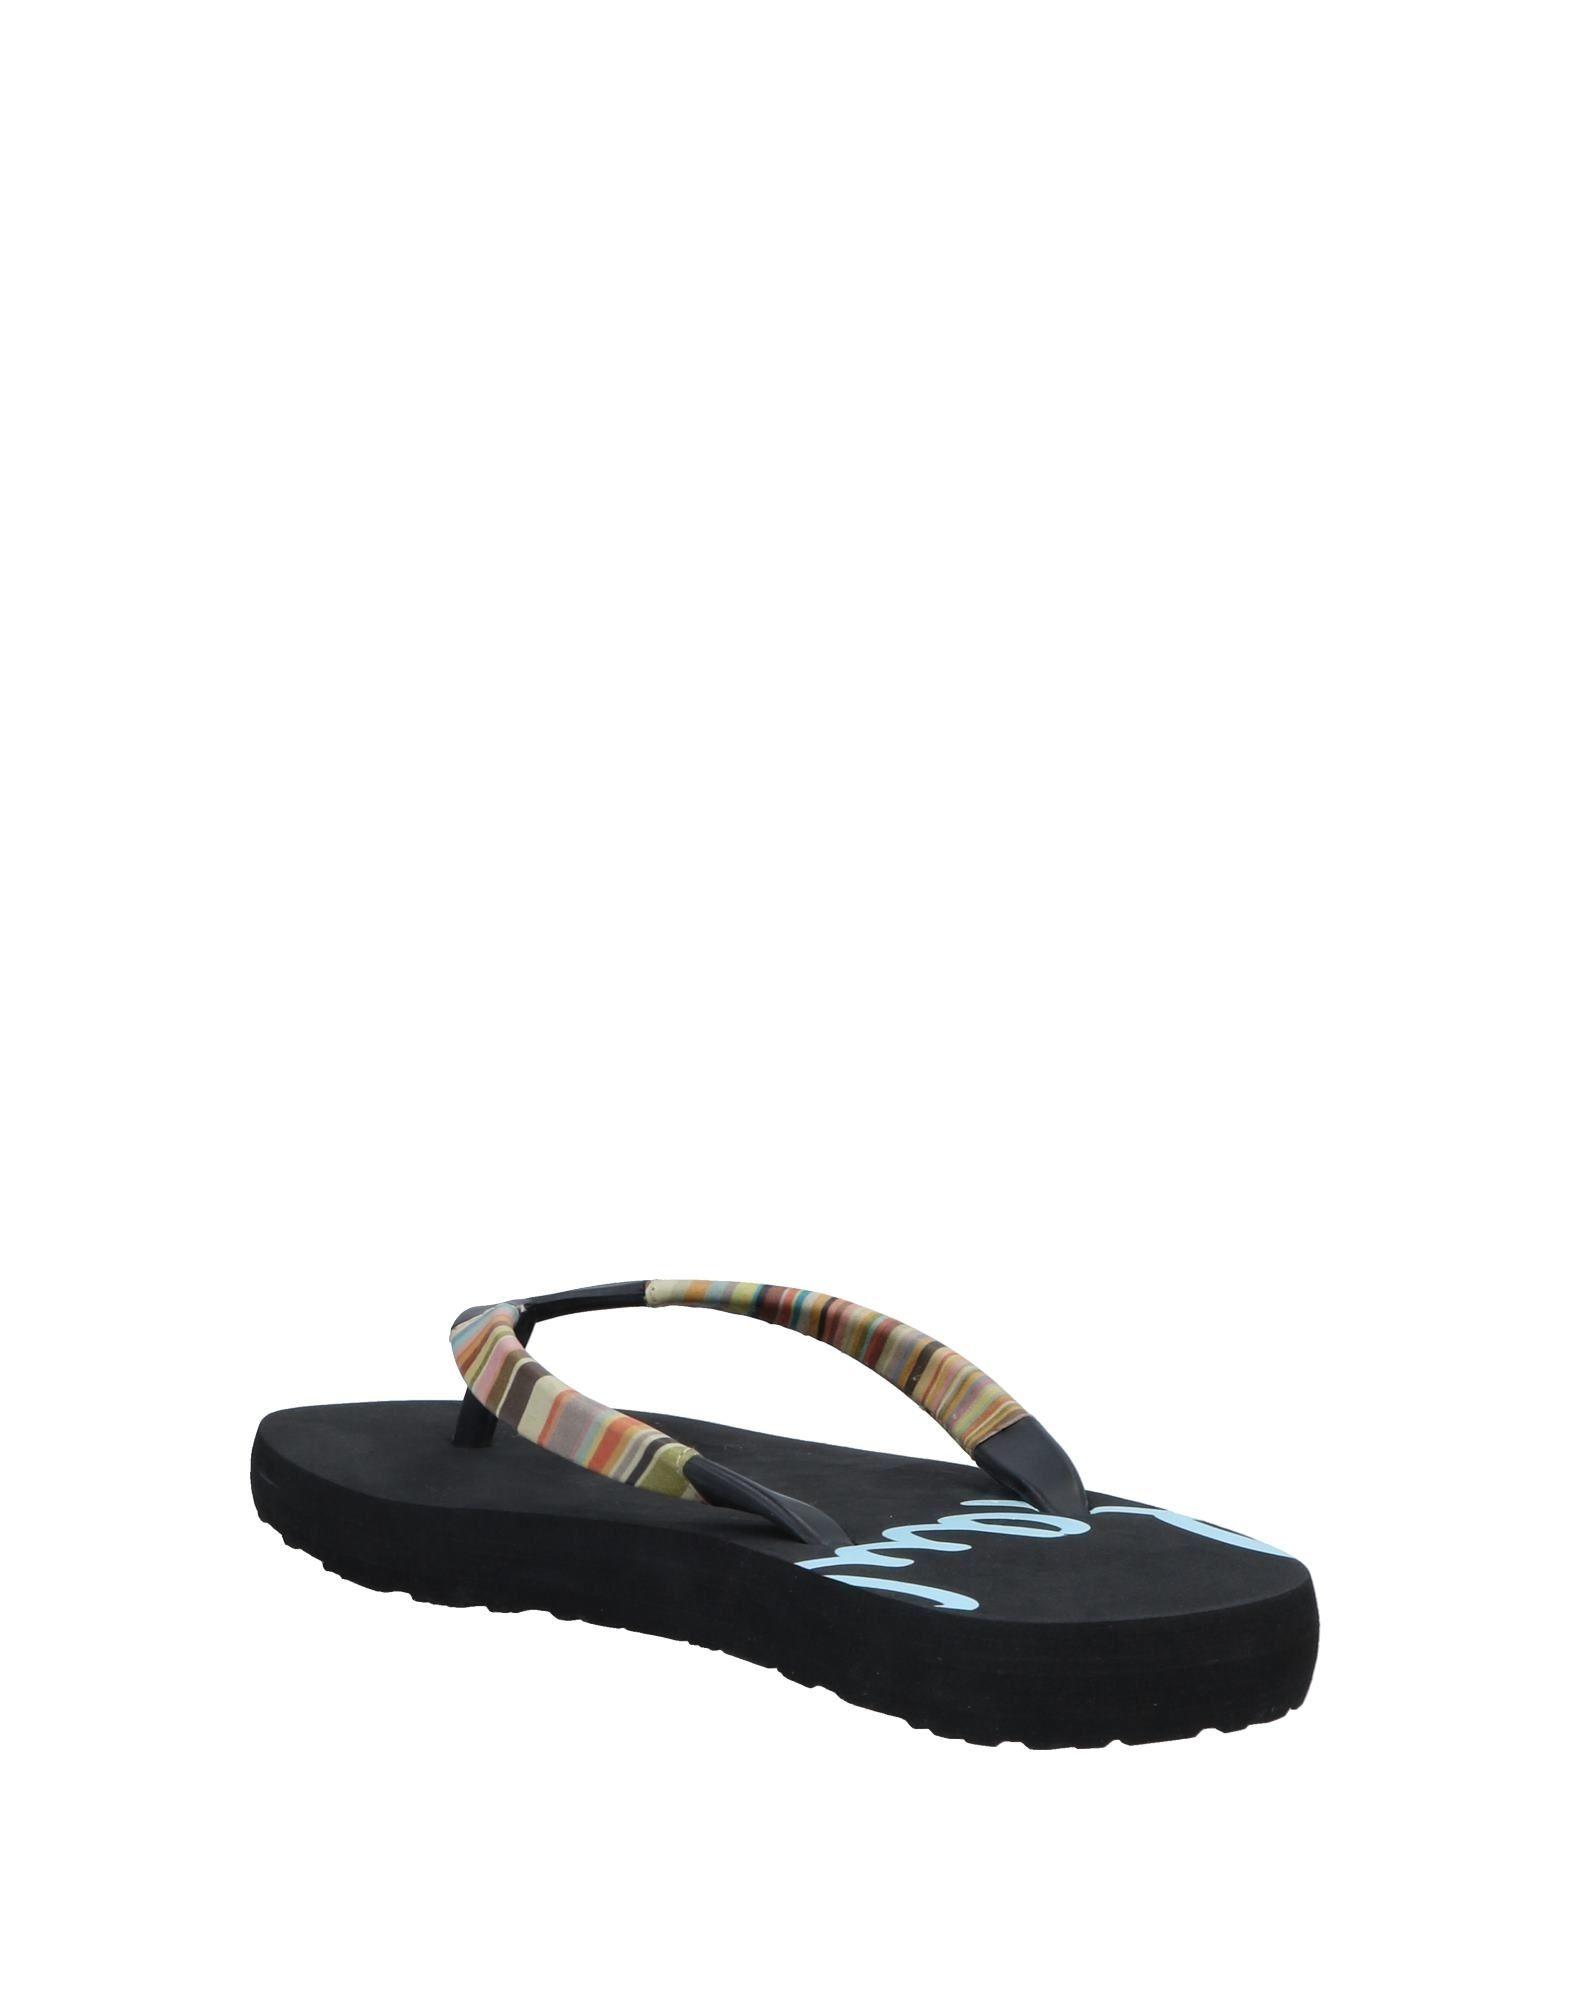 Paul Smith Gute Dianetten Damen  11567344OD Gute Smith Qualität beliebte Schuhe 26313e